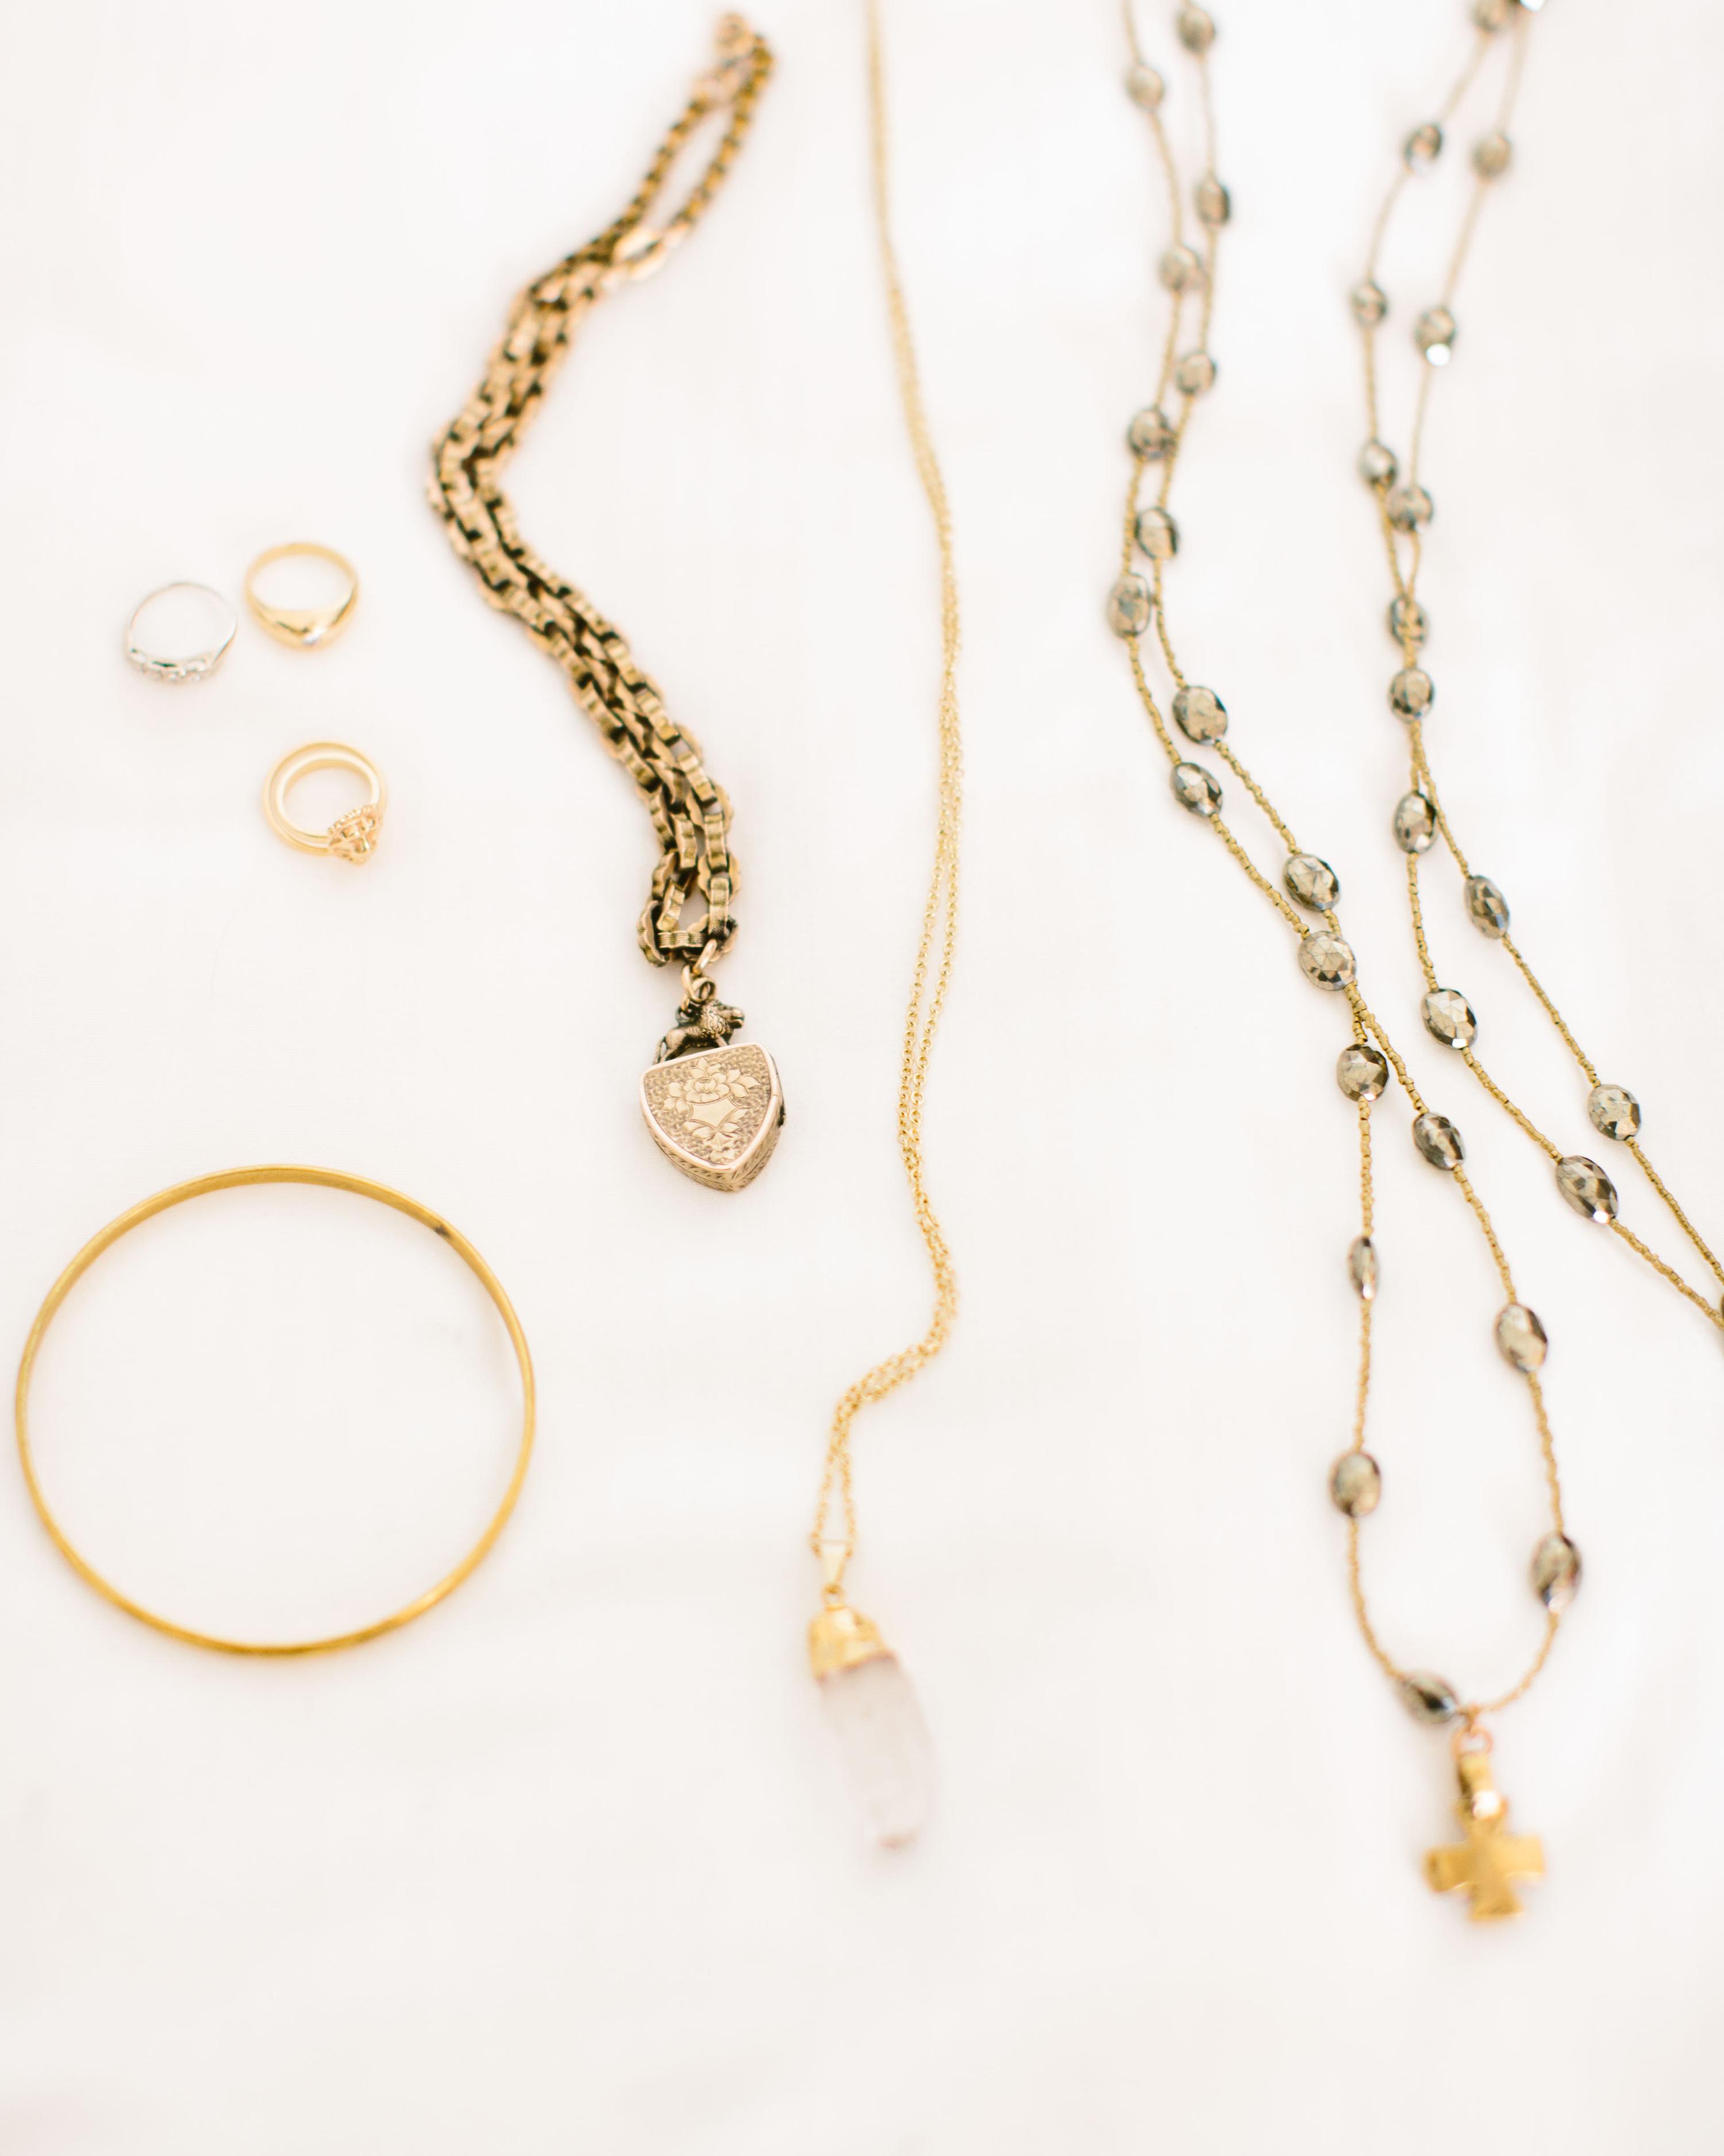 ali-jess-wedding-jewelry-074-002-s111717-1214.jpg